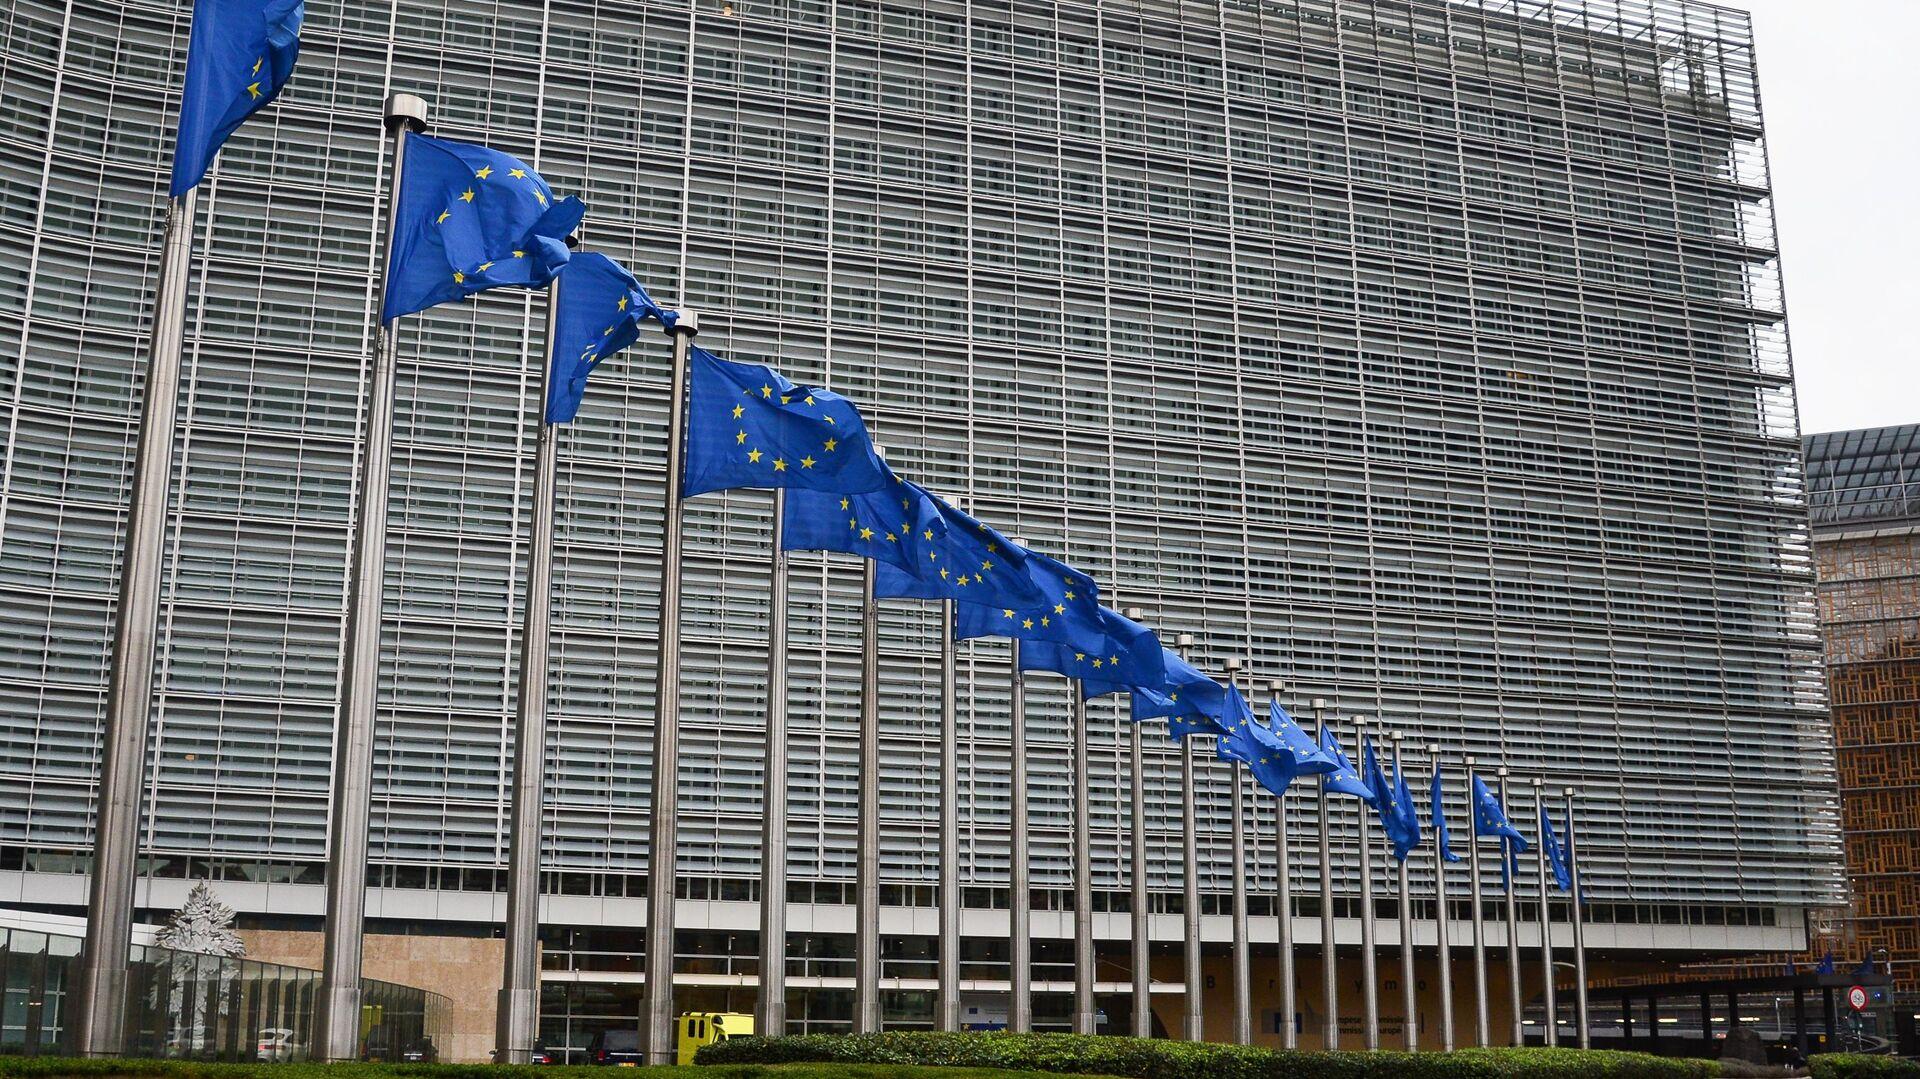 Флаги с символикой Евросоюза у здания Еврокомиссии в Брюсселе - РИА Новости, 1920, 05.02.2021